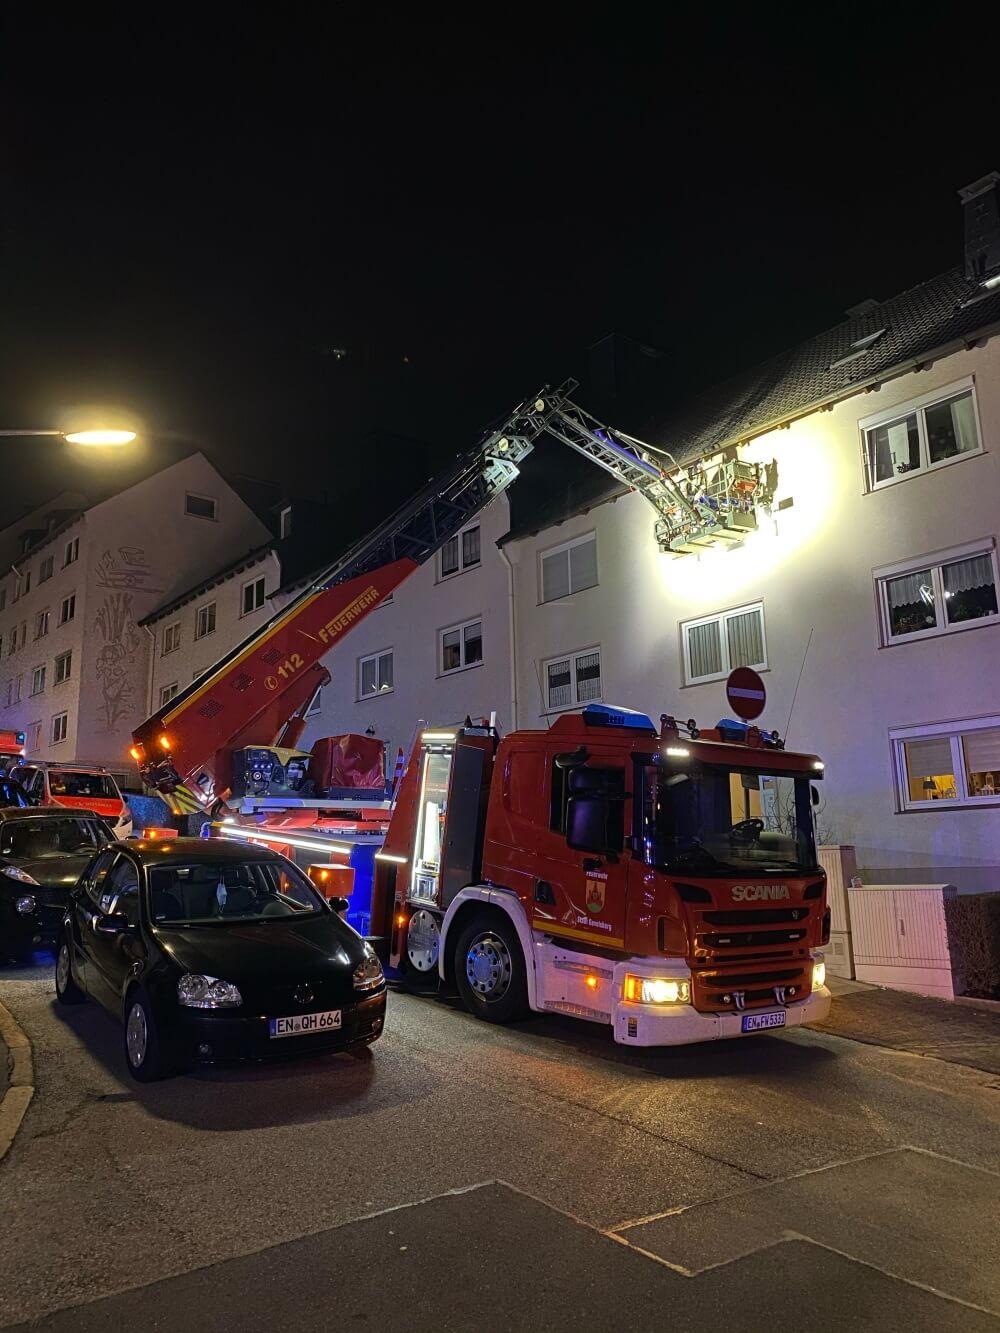 Mithilfe einer Drehleiter unterstützte die Feuerwehr Gevelsberg am Abend des 22. Februar 2021 den Rettungsdienst.